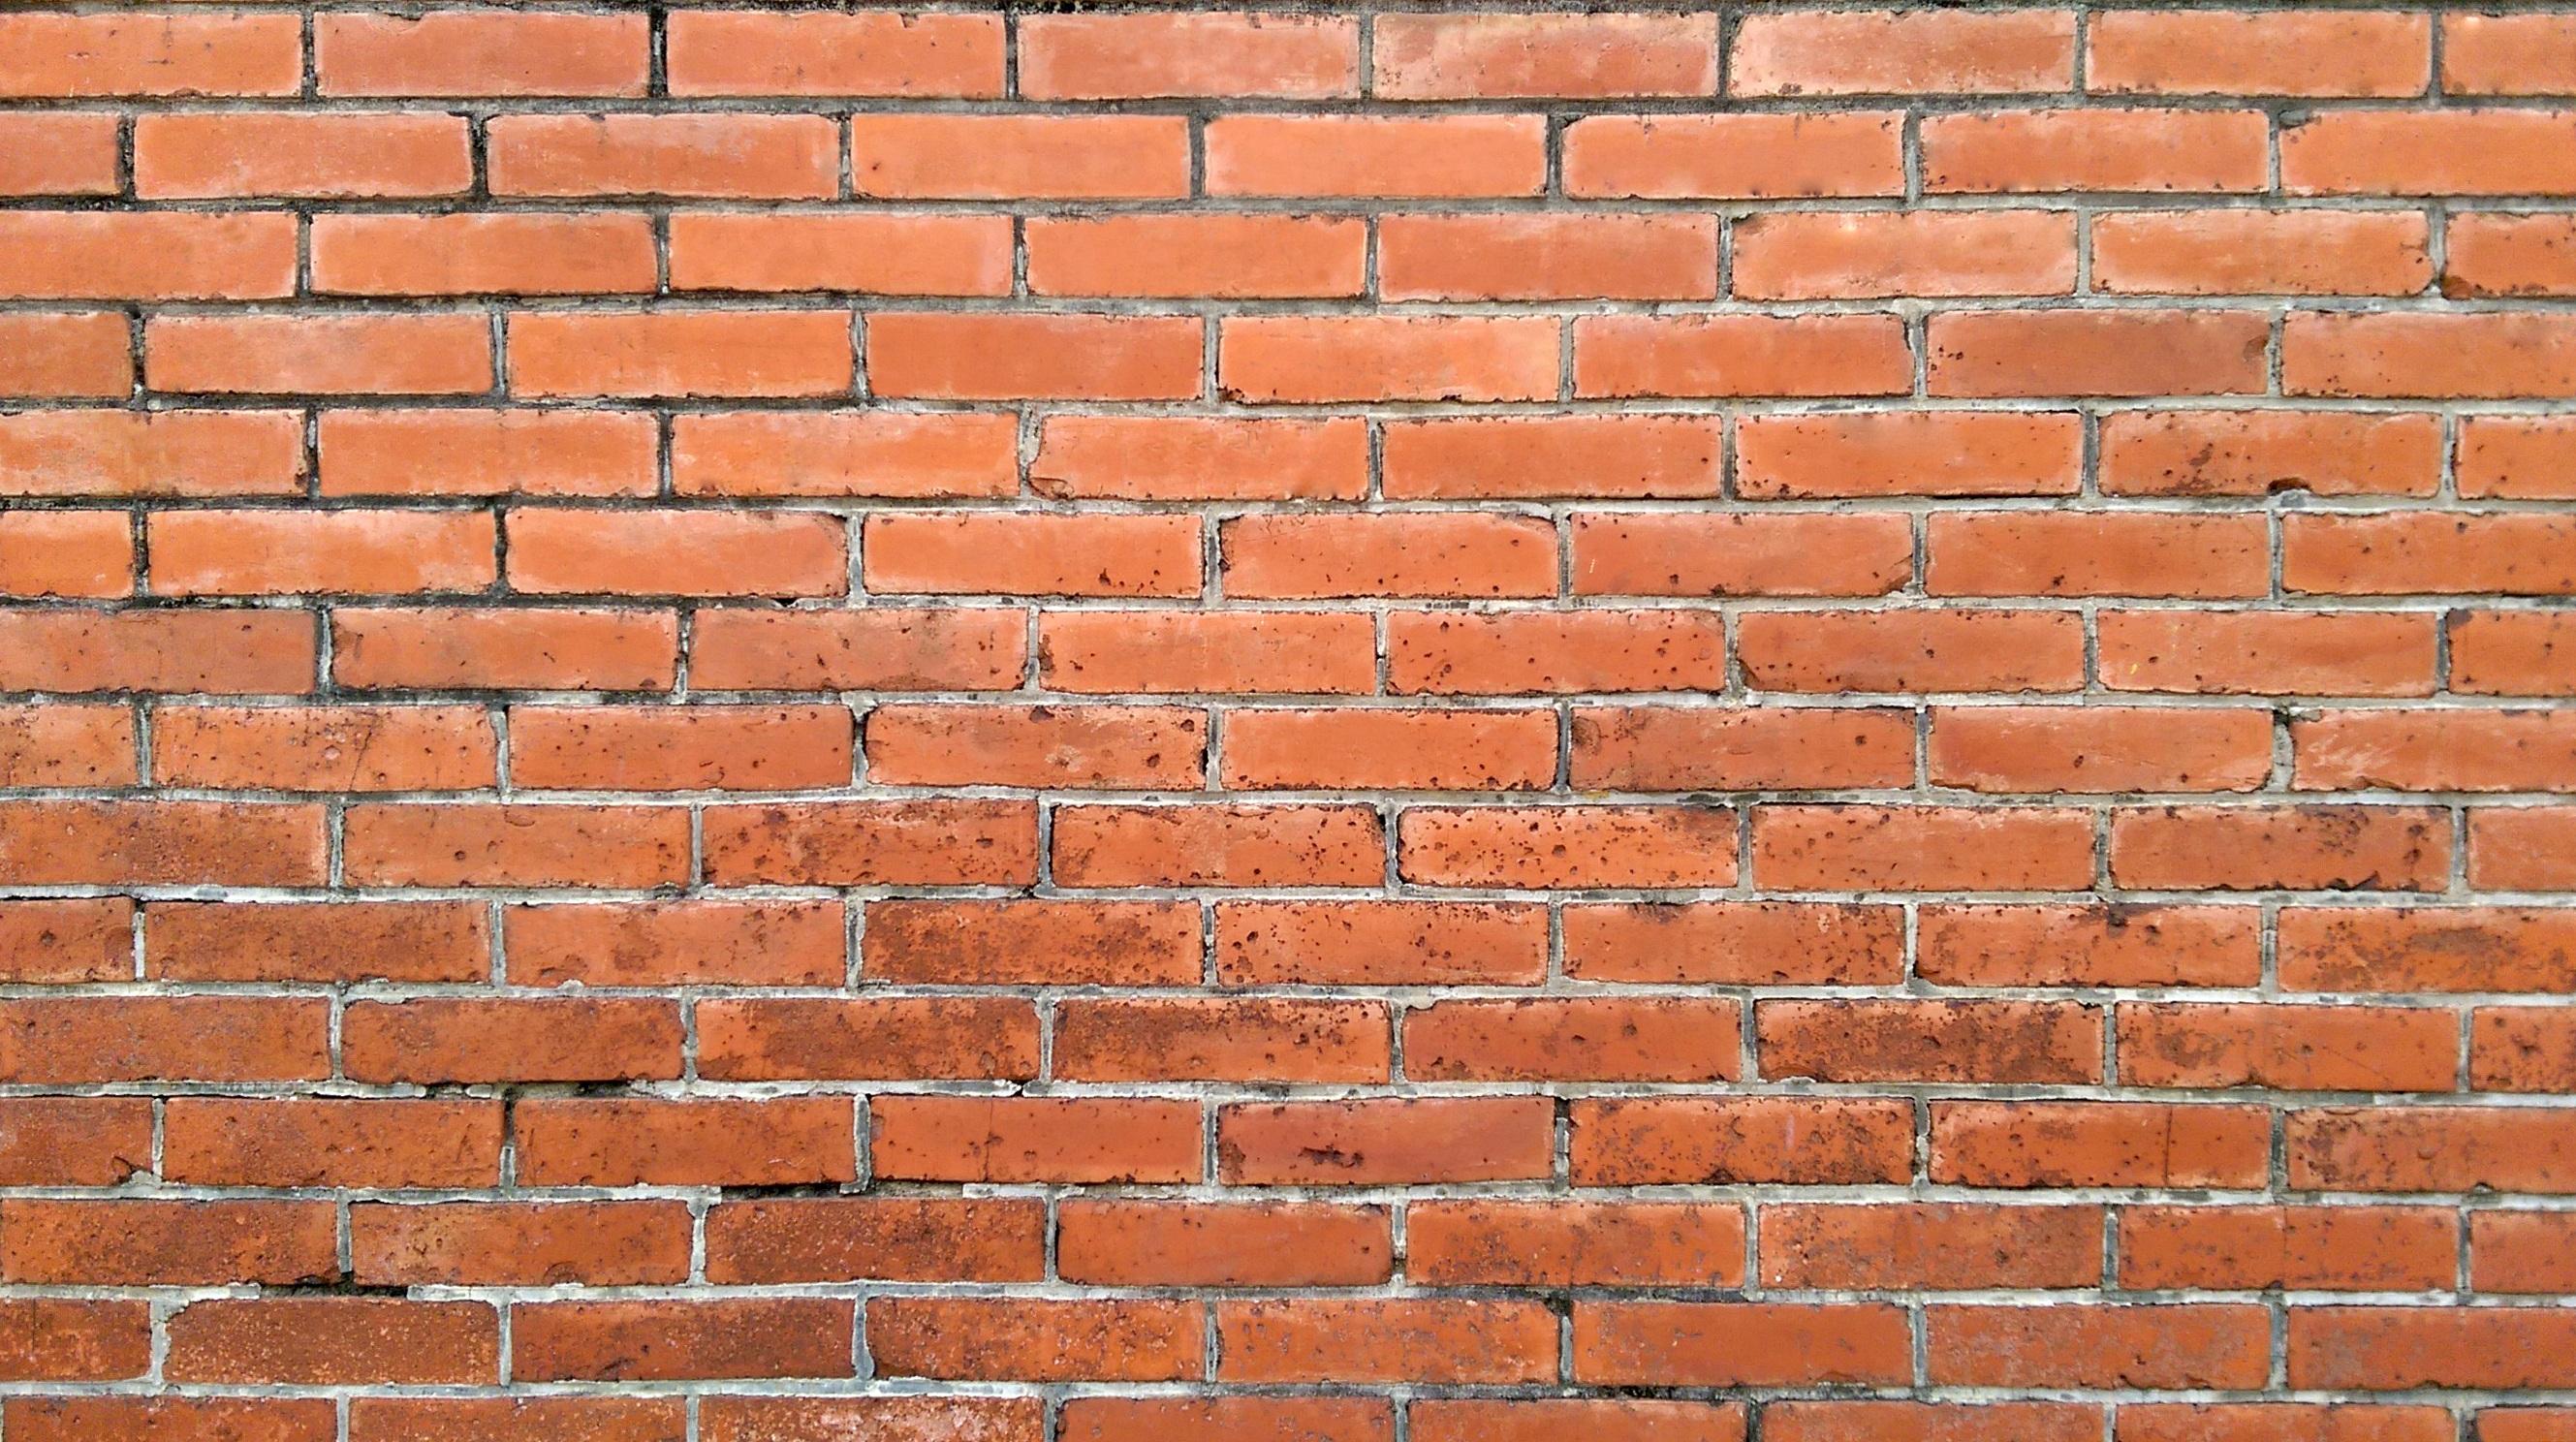 2658x1488 1369857 pxhere - Muros de ladrillo visto ...